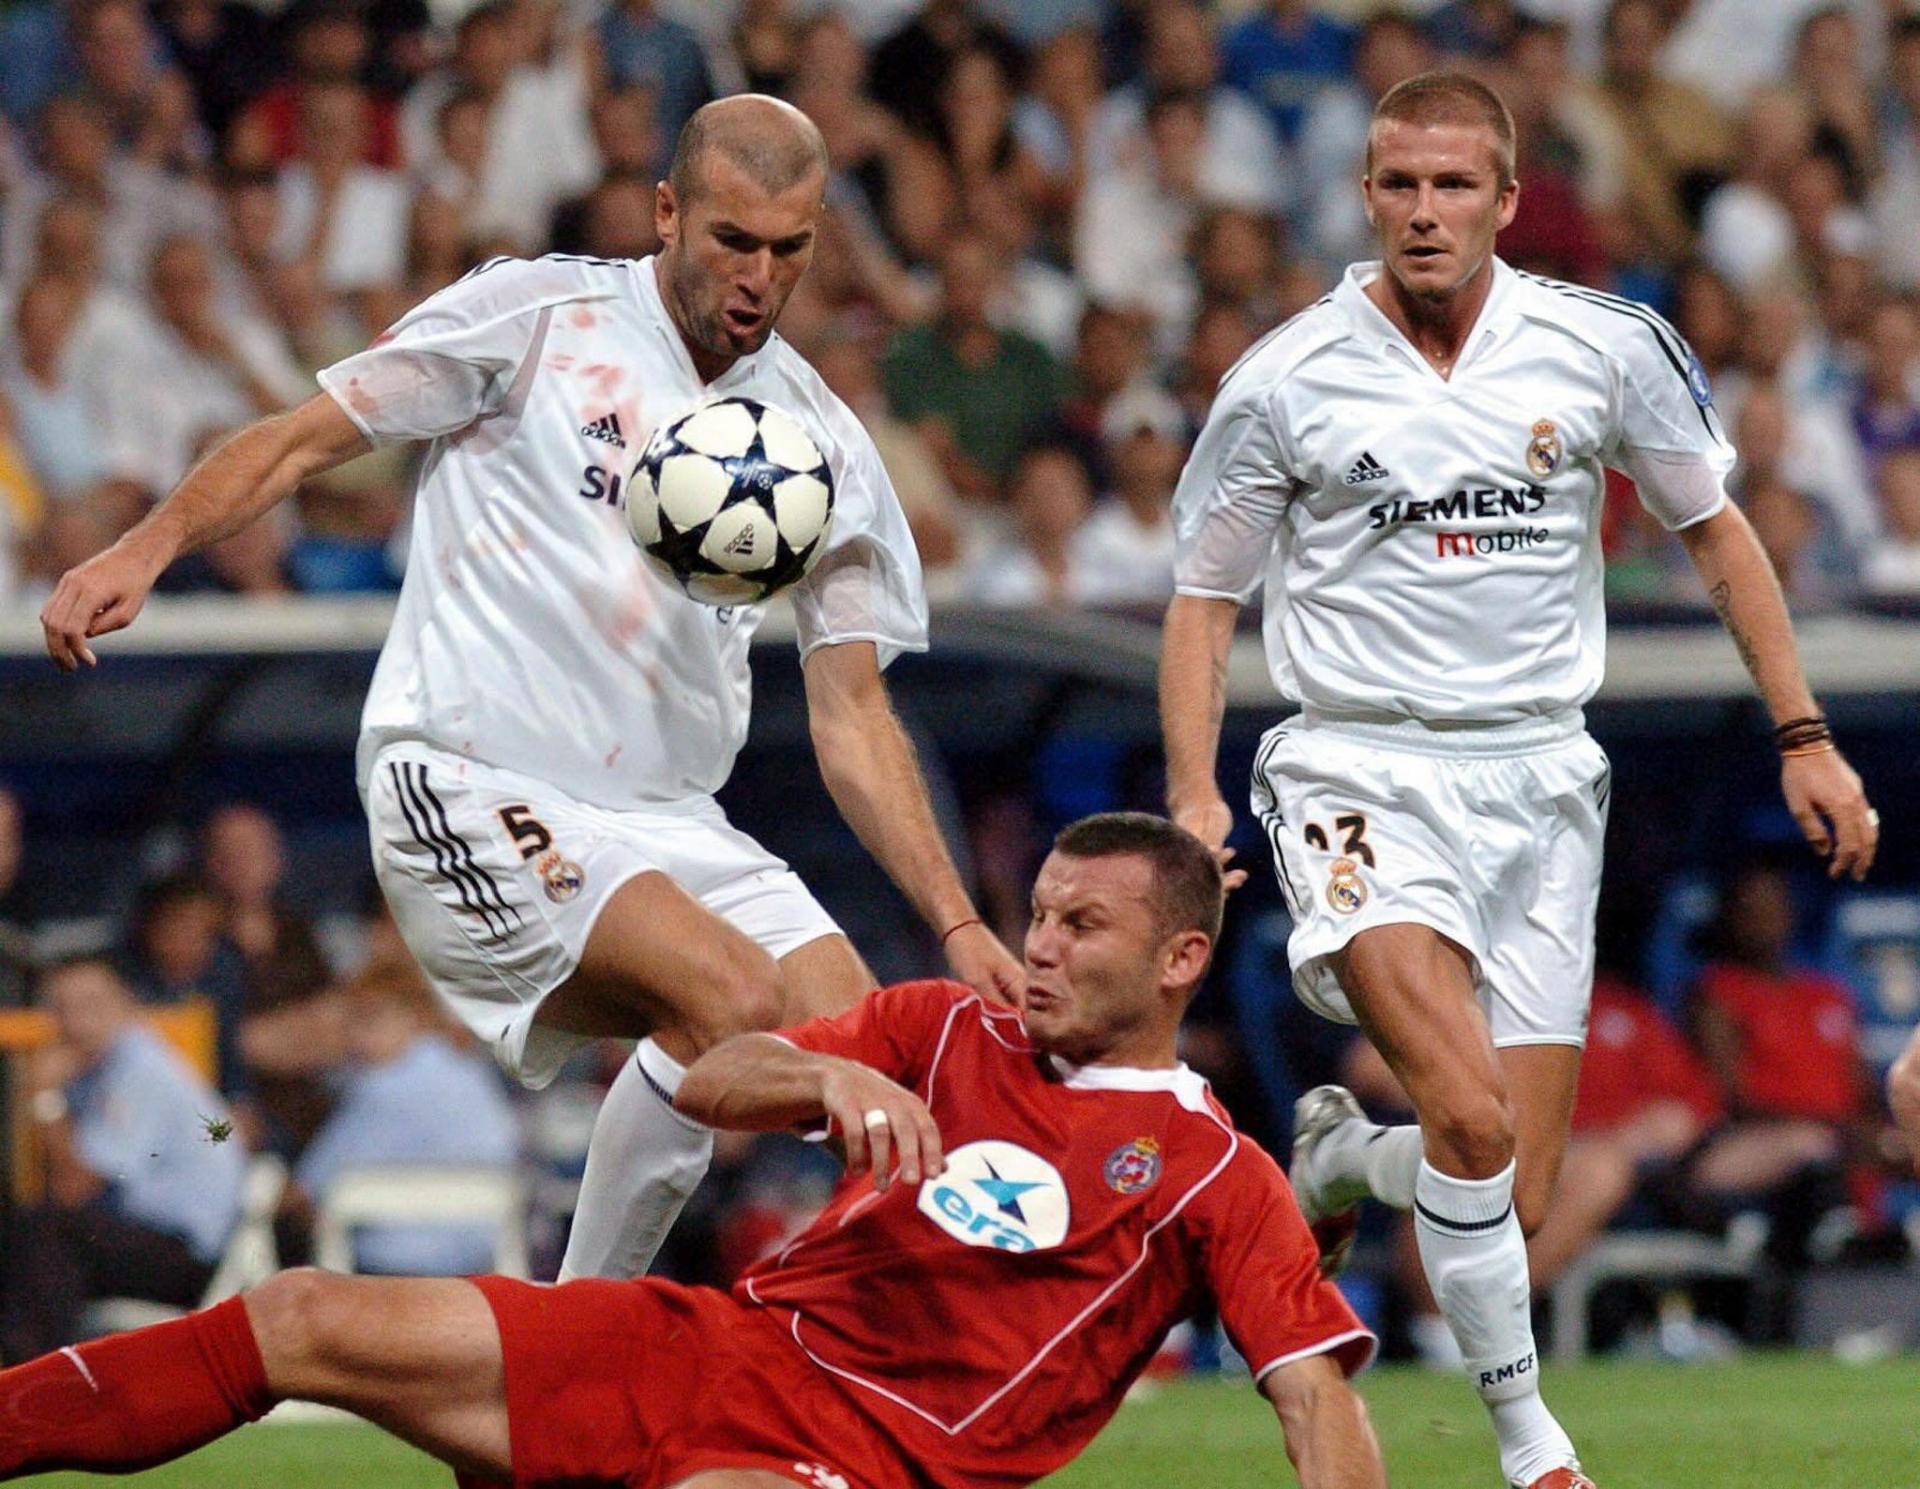 Real Madryt - Wisła Kraków 3:1 (25.08.2004)